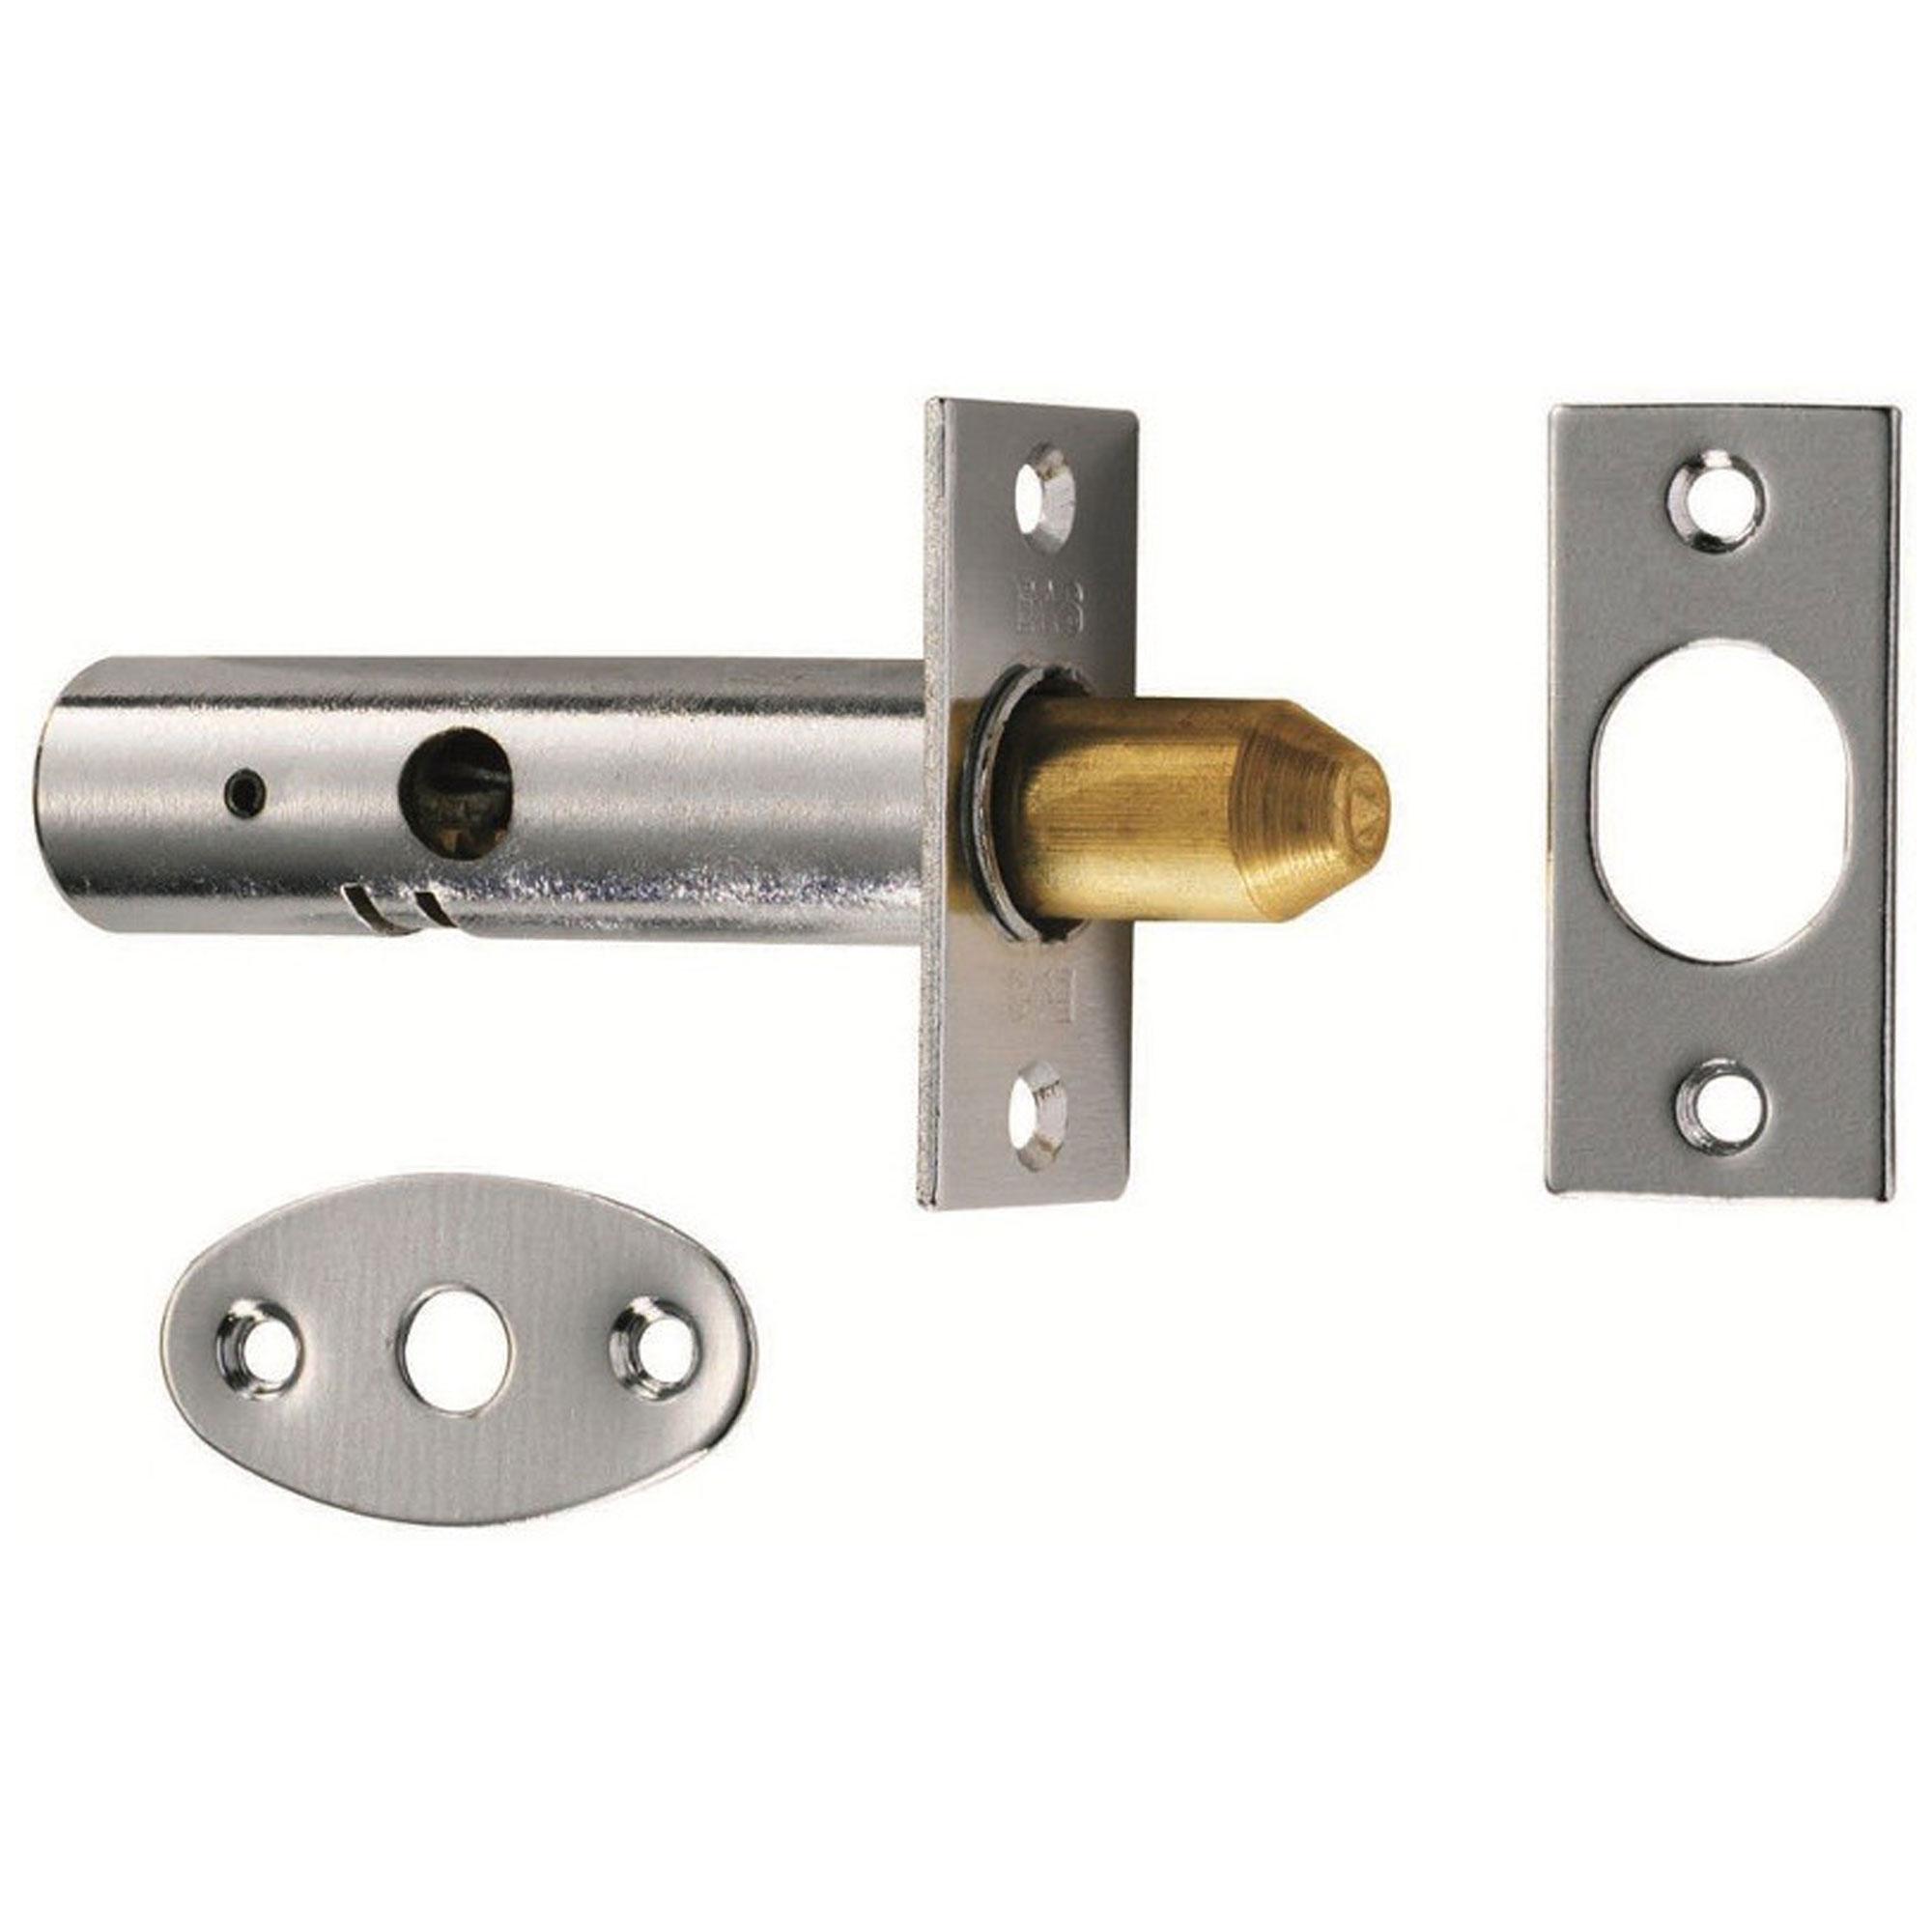 Door Security Pack C/W 2 60mm DSB8225EB (Security B) SC